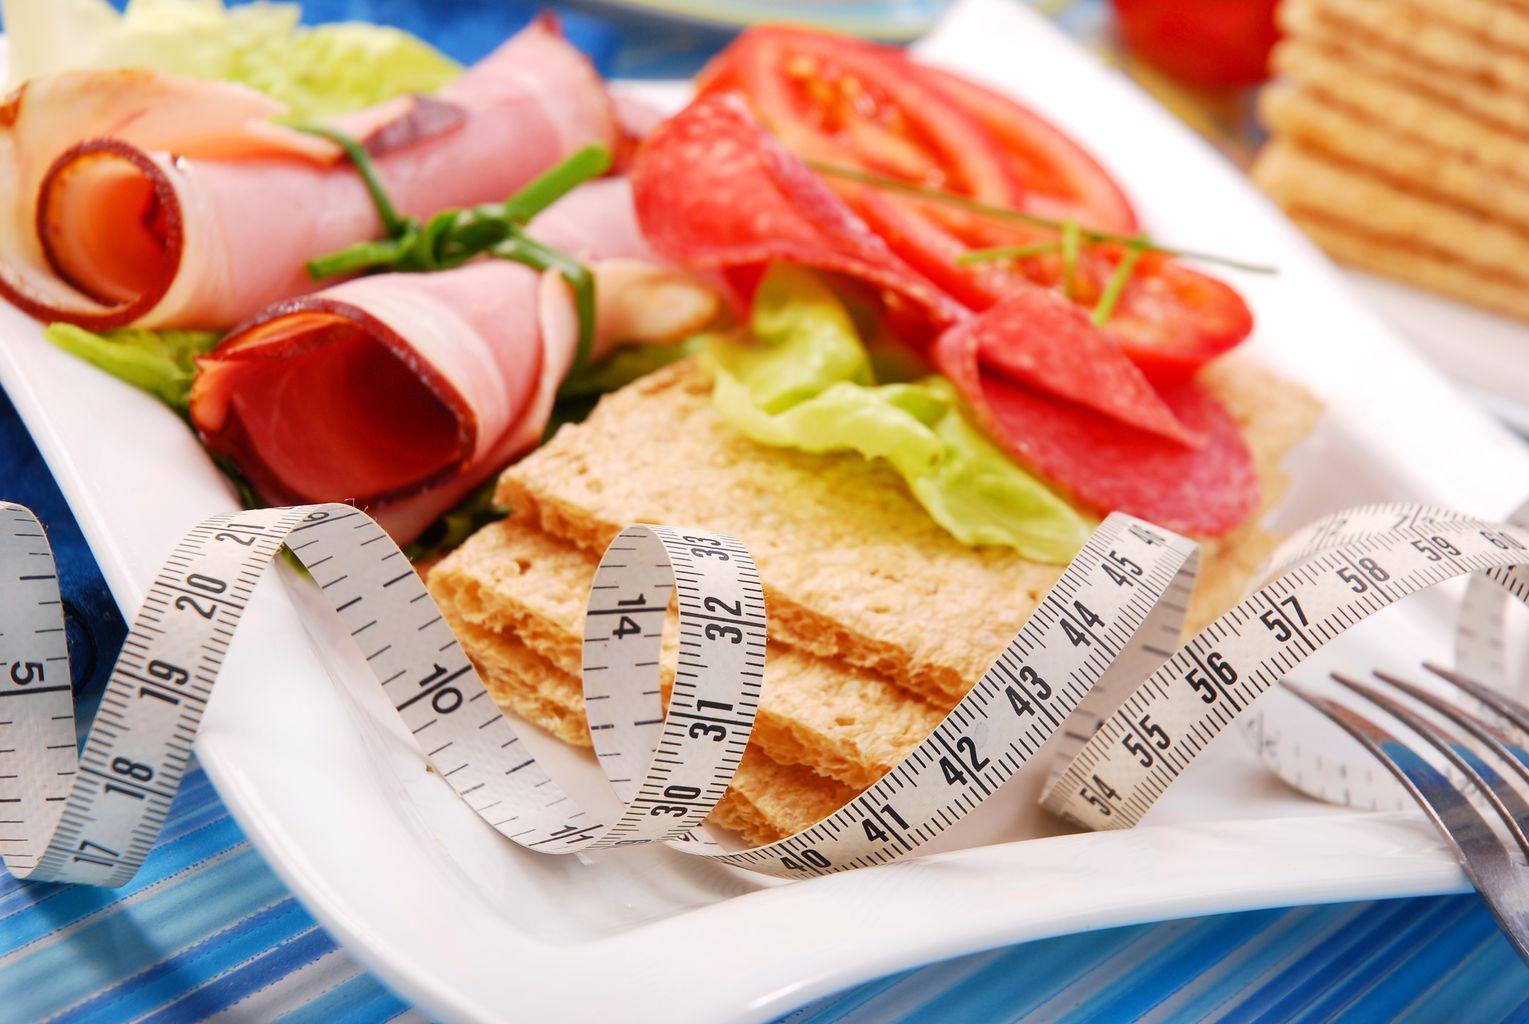 Ile można schudnąć stosując dietę 1200 kalorii?